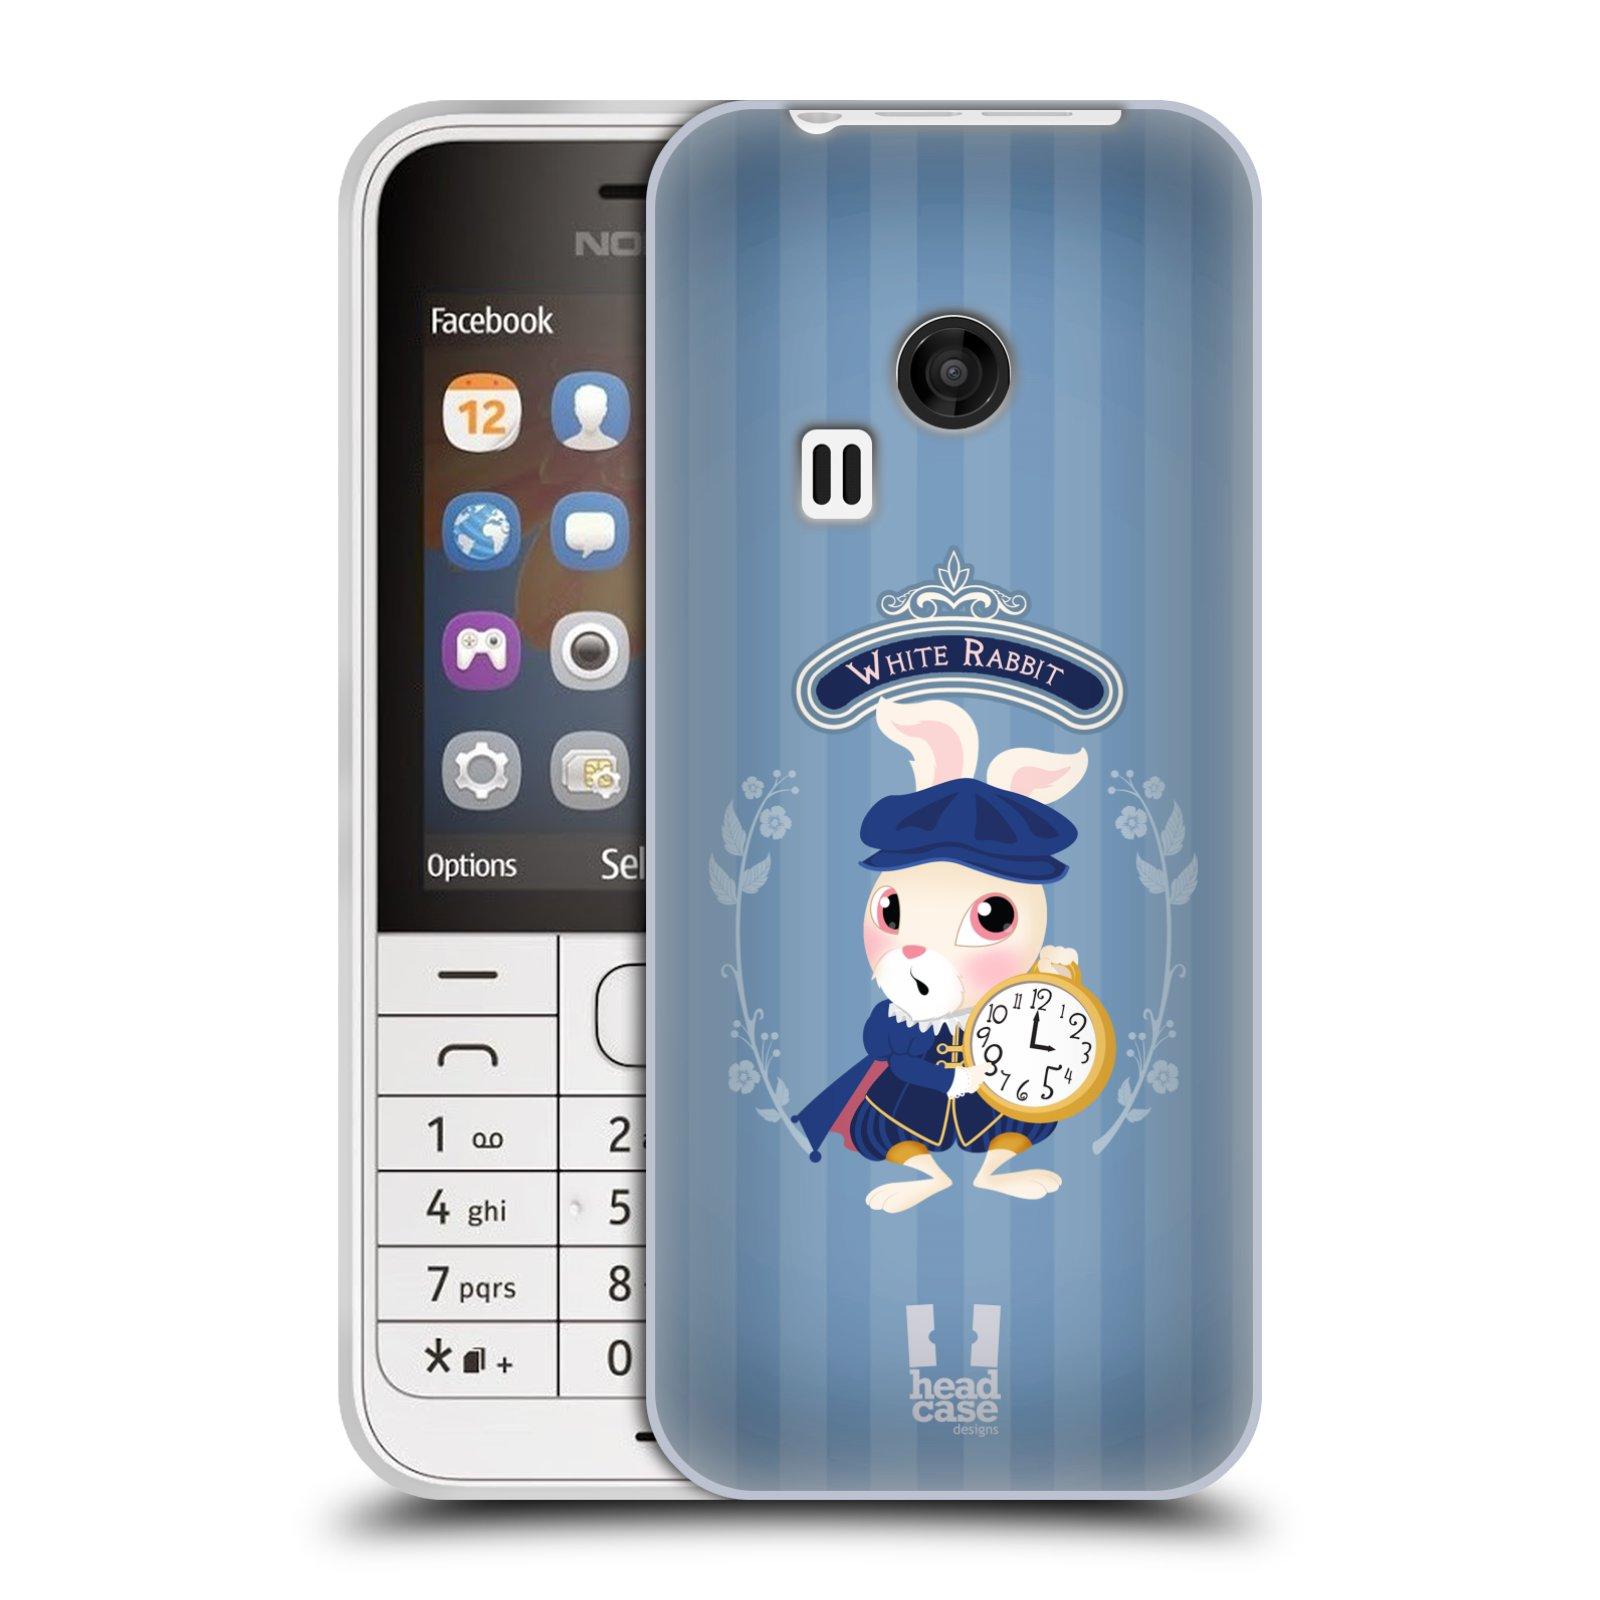 HEAD CASE silikonový obal na mobil NOKIA 220 / NOKIA 220 DUAL SIM vzor Alenka v říši divů králíček